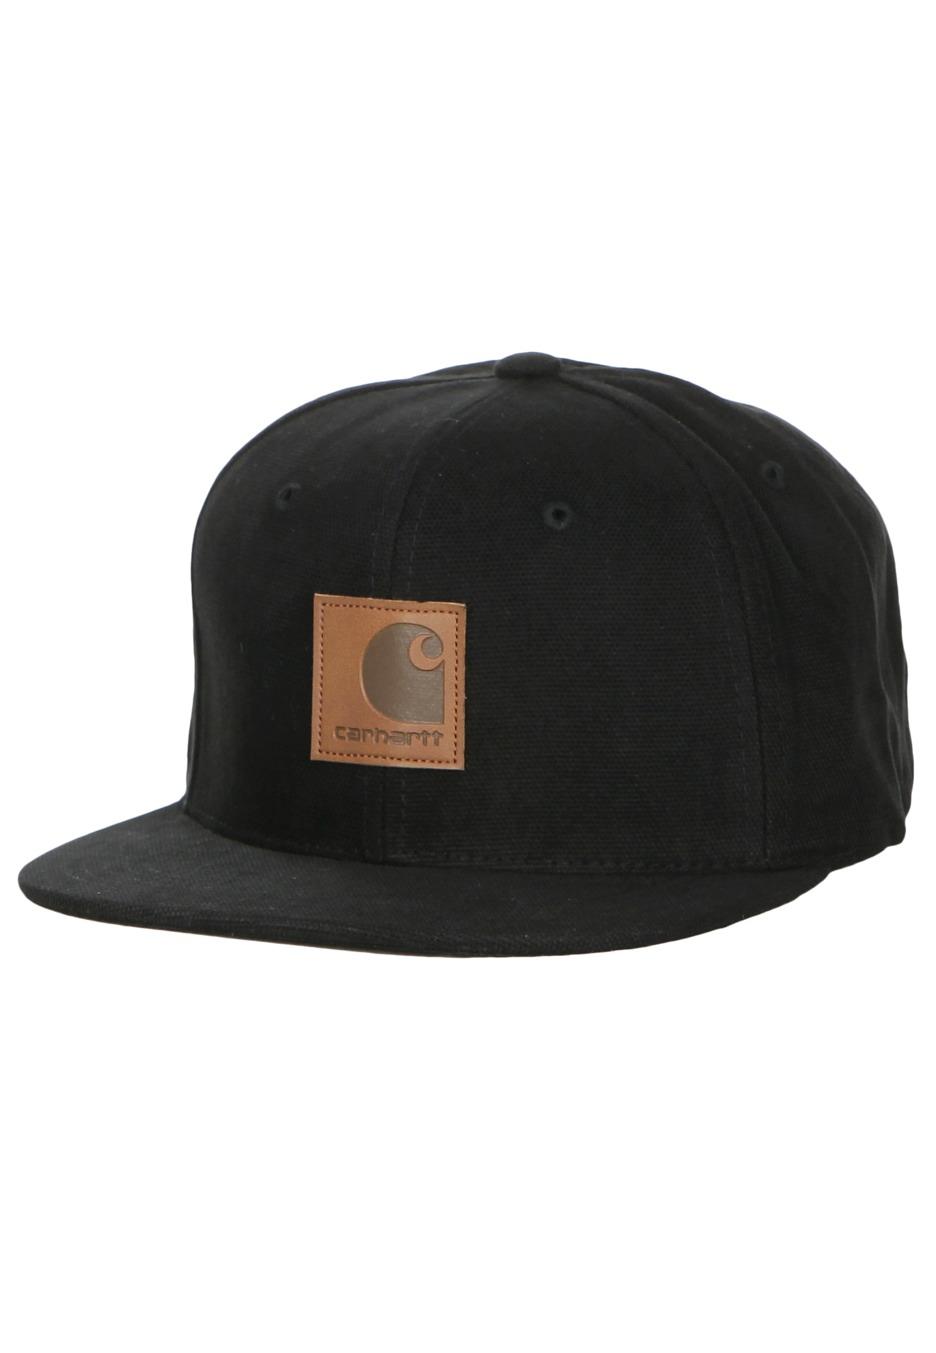 Carhartt WIP - Logo Dearborn Starter - Cap - Streetwear Shop - Impericon.com Worldwide